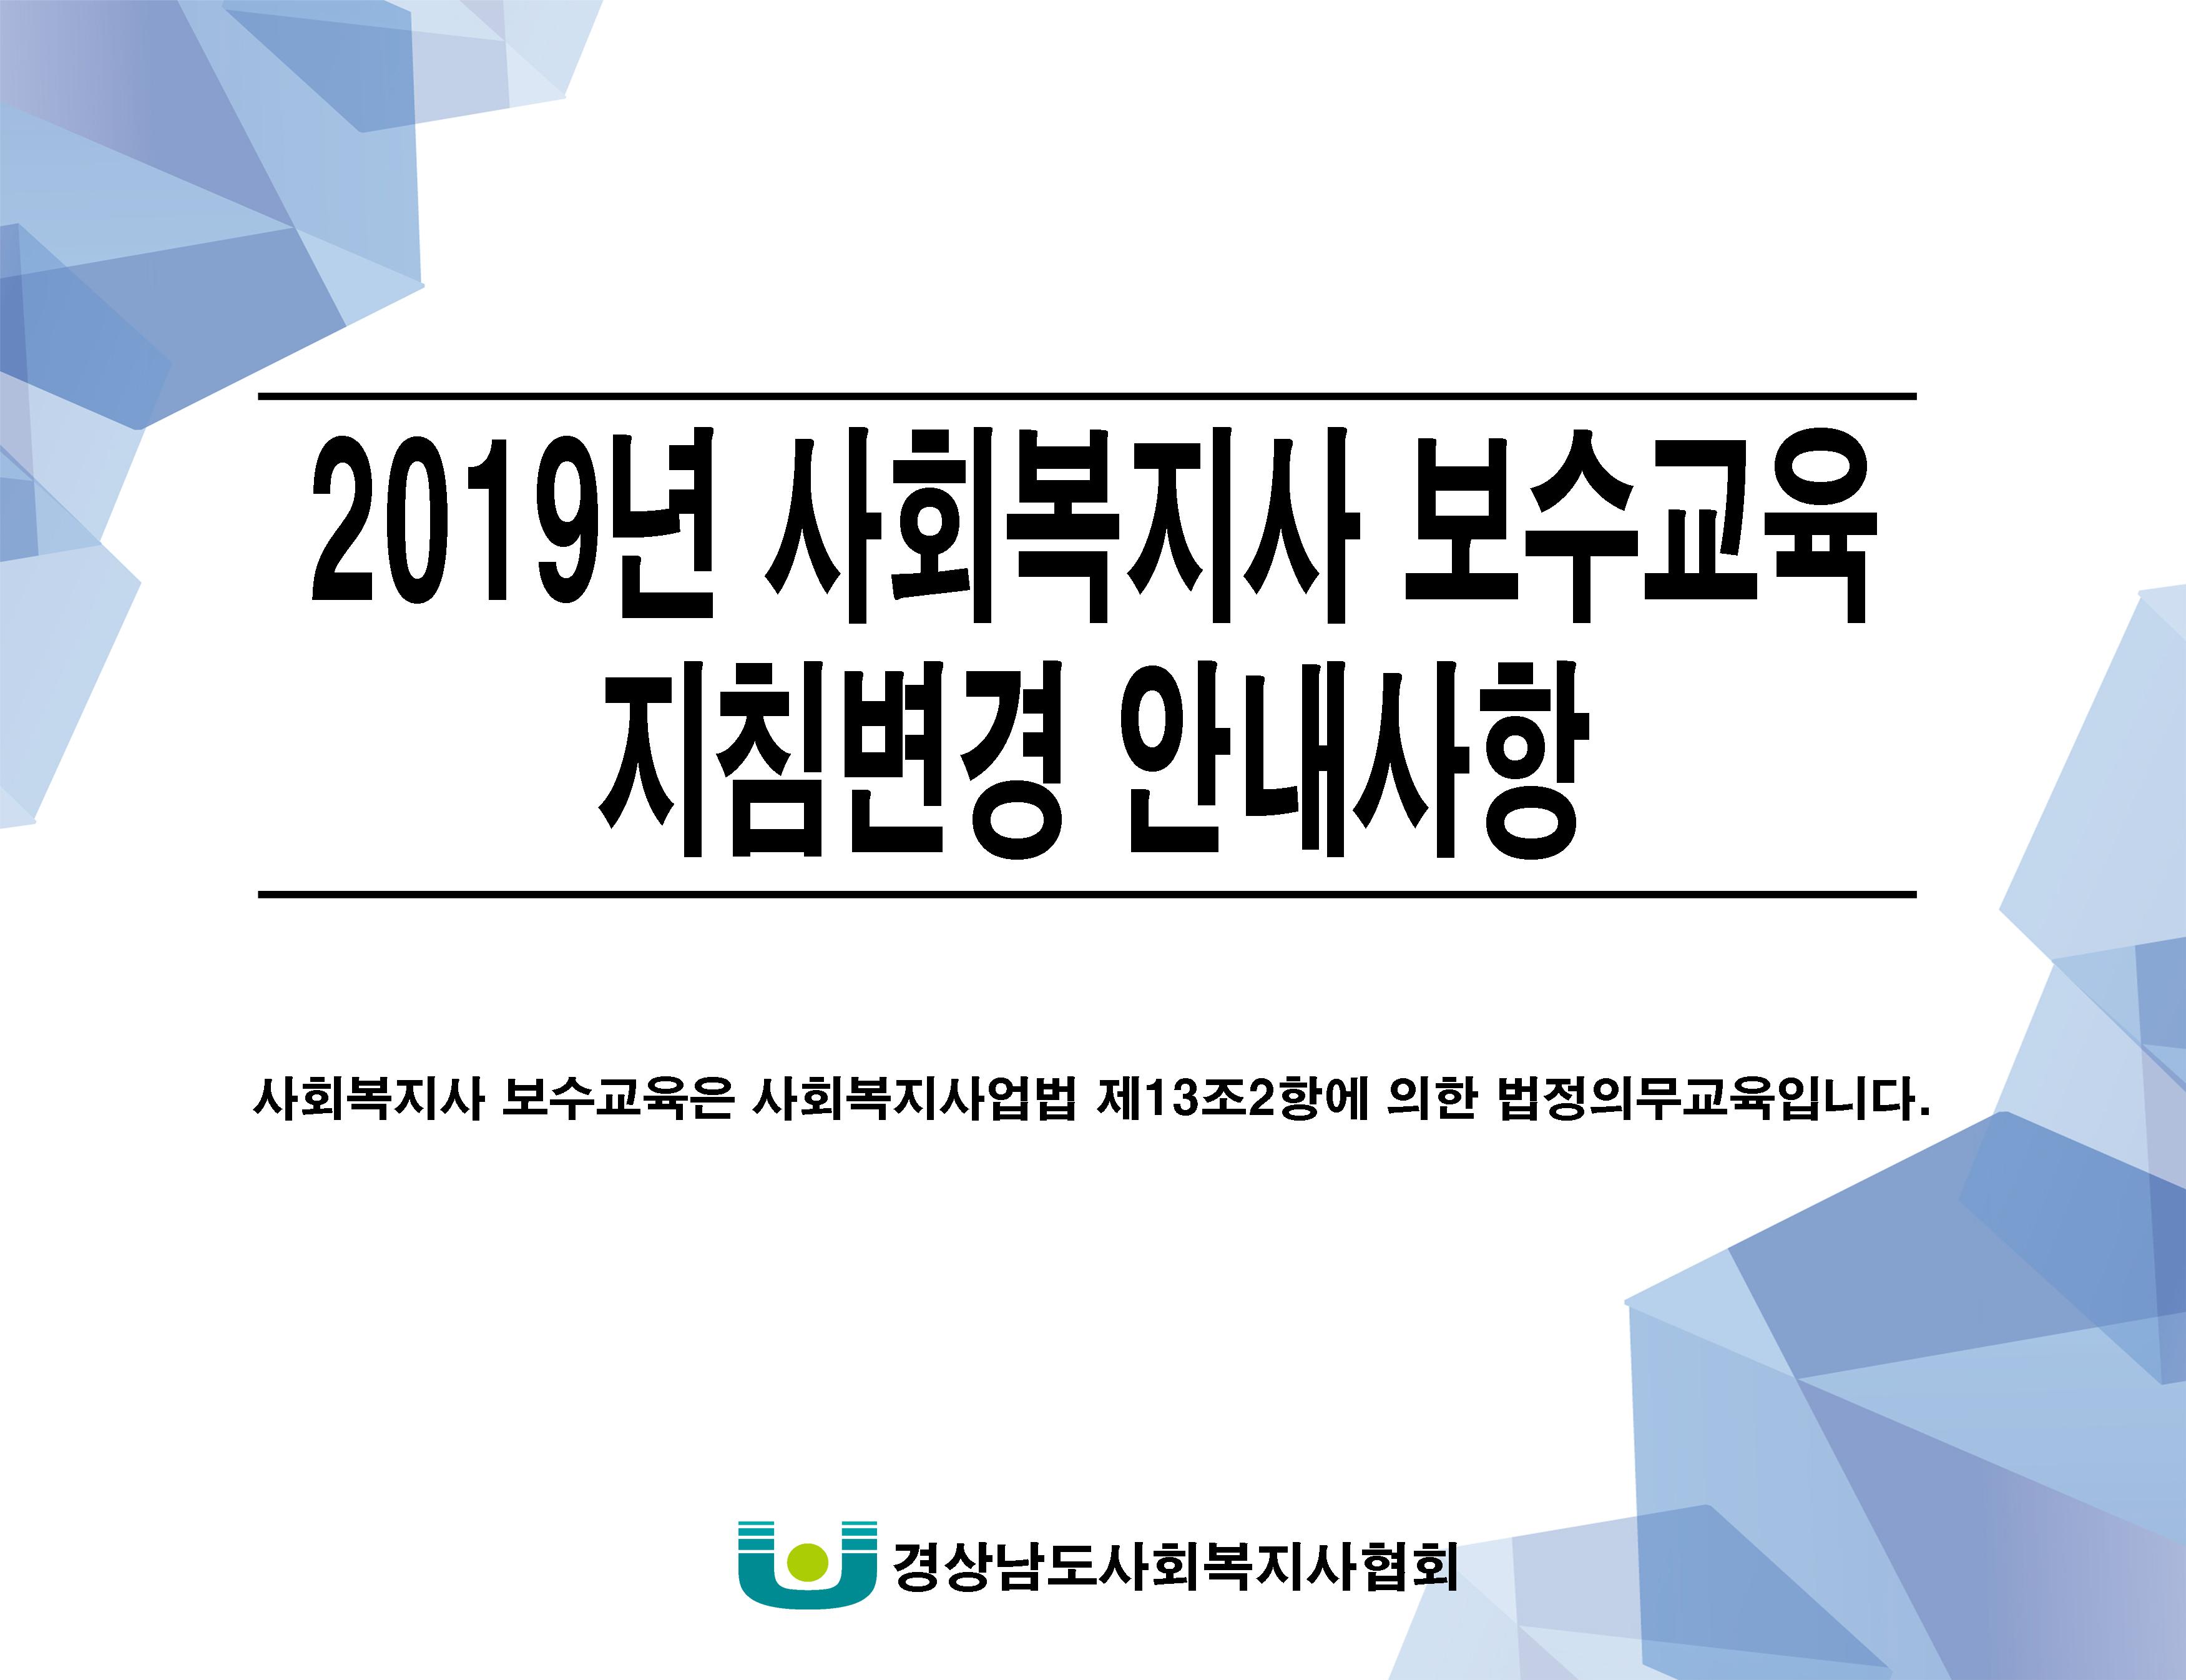 2019년 보수교육 안내사항-1.jpg